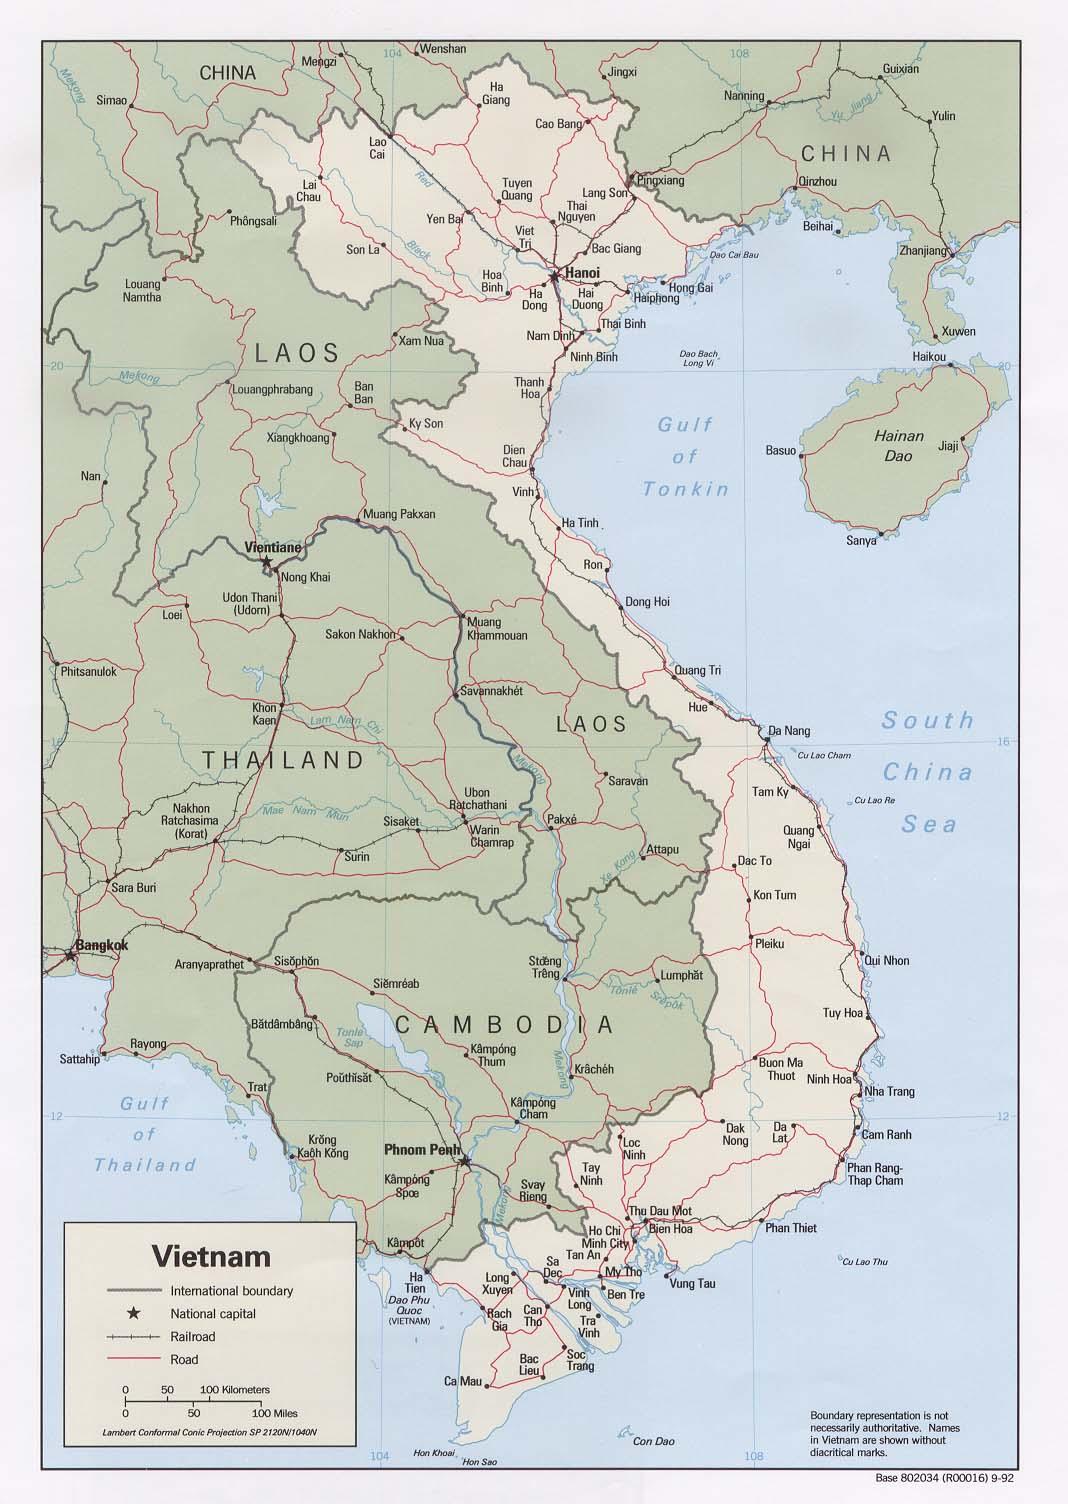 Maps of Vietnam Topography Map Of Vietnam War on latitude map of vietnam, relief map of vietnam, climate map of vietnam, population density map of vietnam,